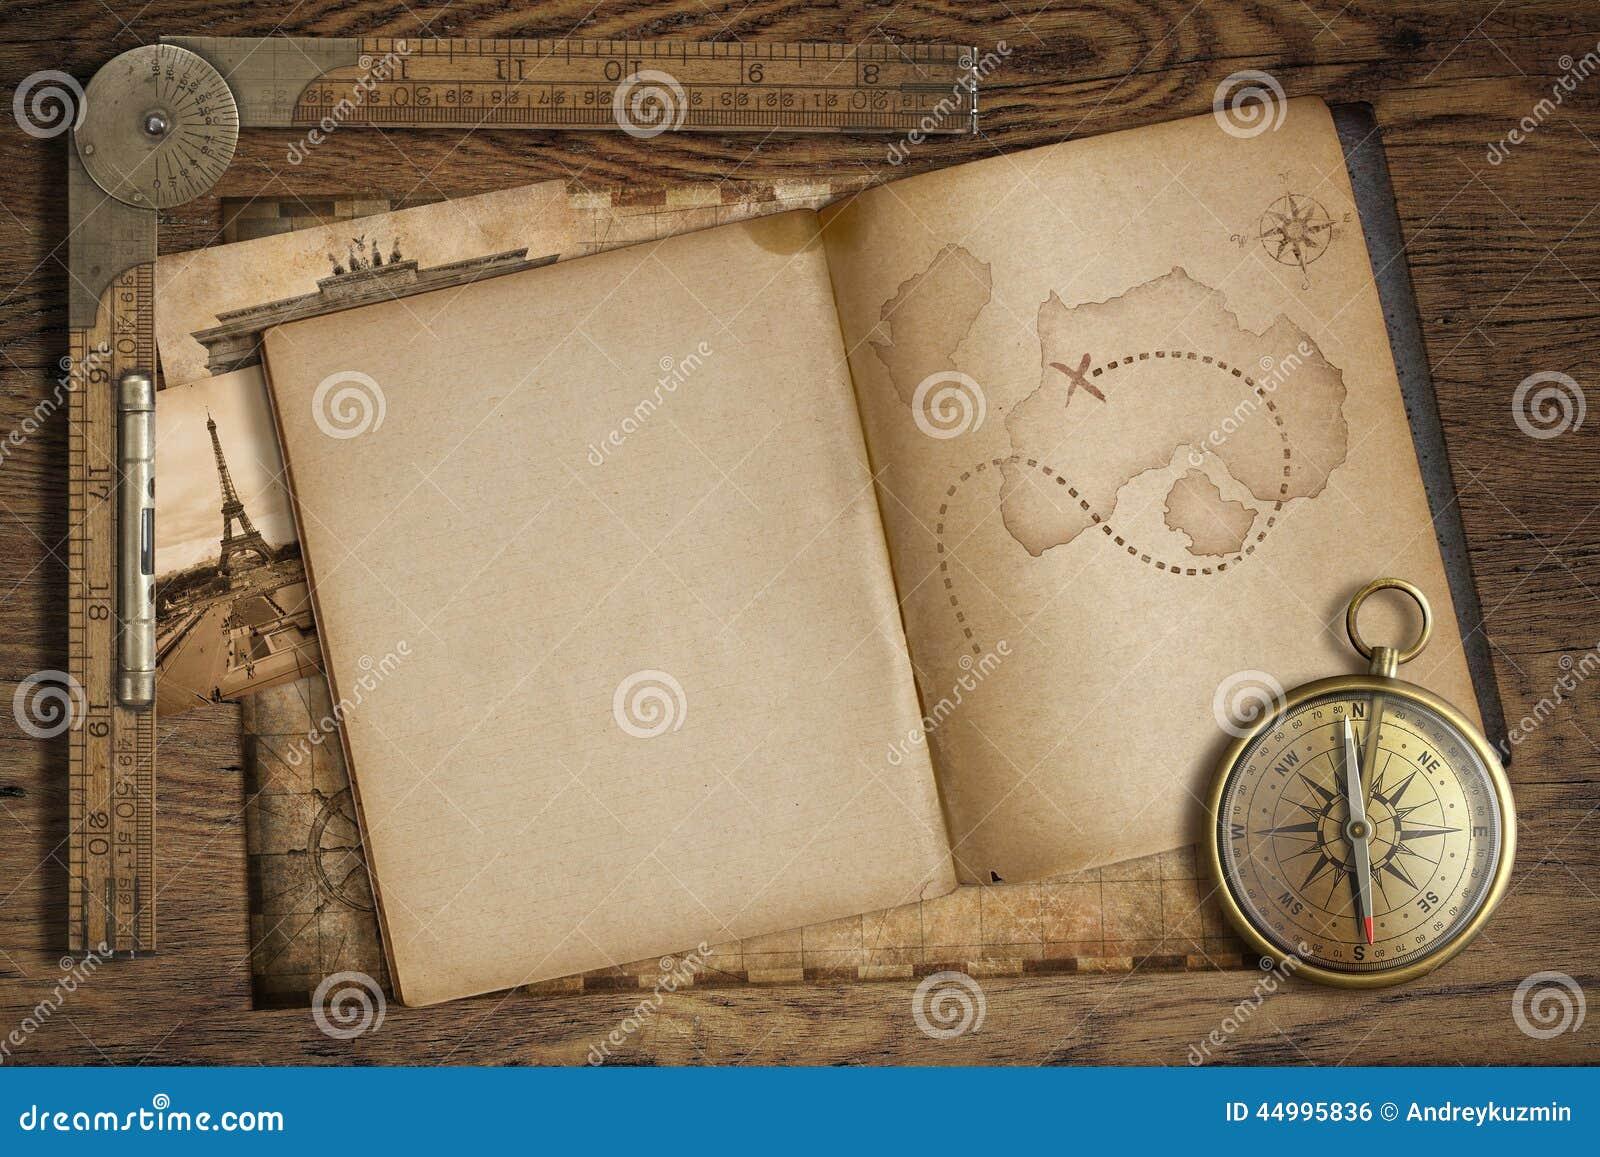 вариант, можно 4 фото 1 слово старинная карта книги возможности своевременной стирки